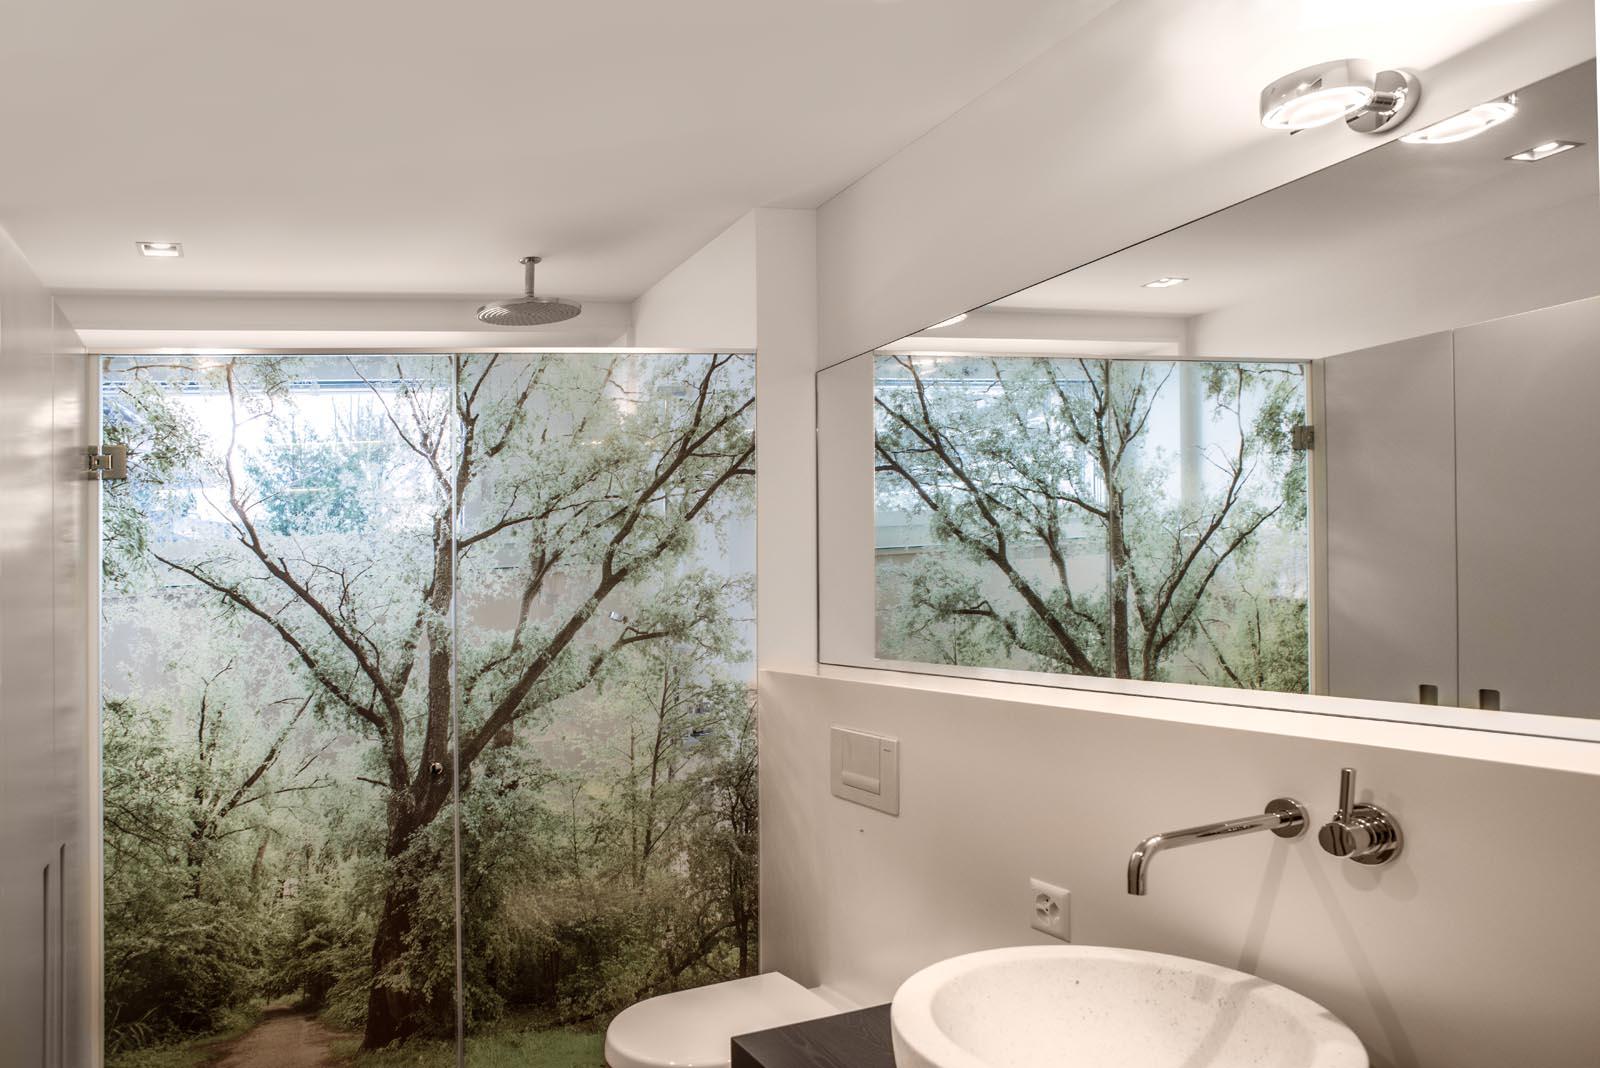 raumgestaltung im bad aussen und innen fotografisch